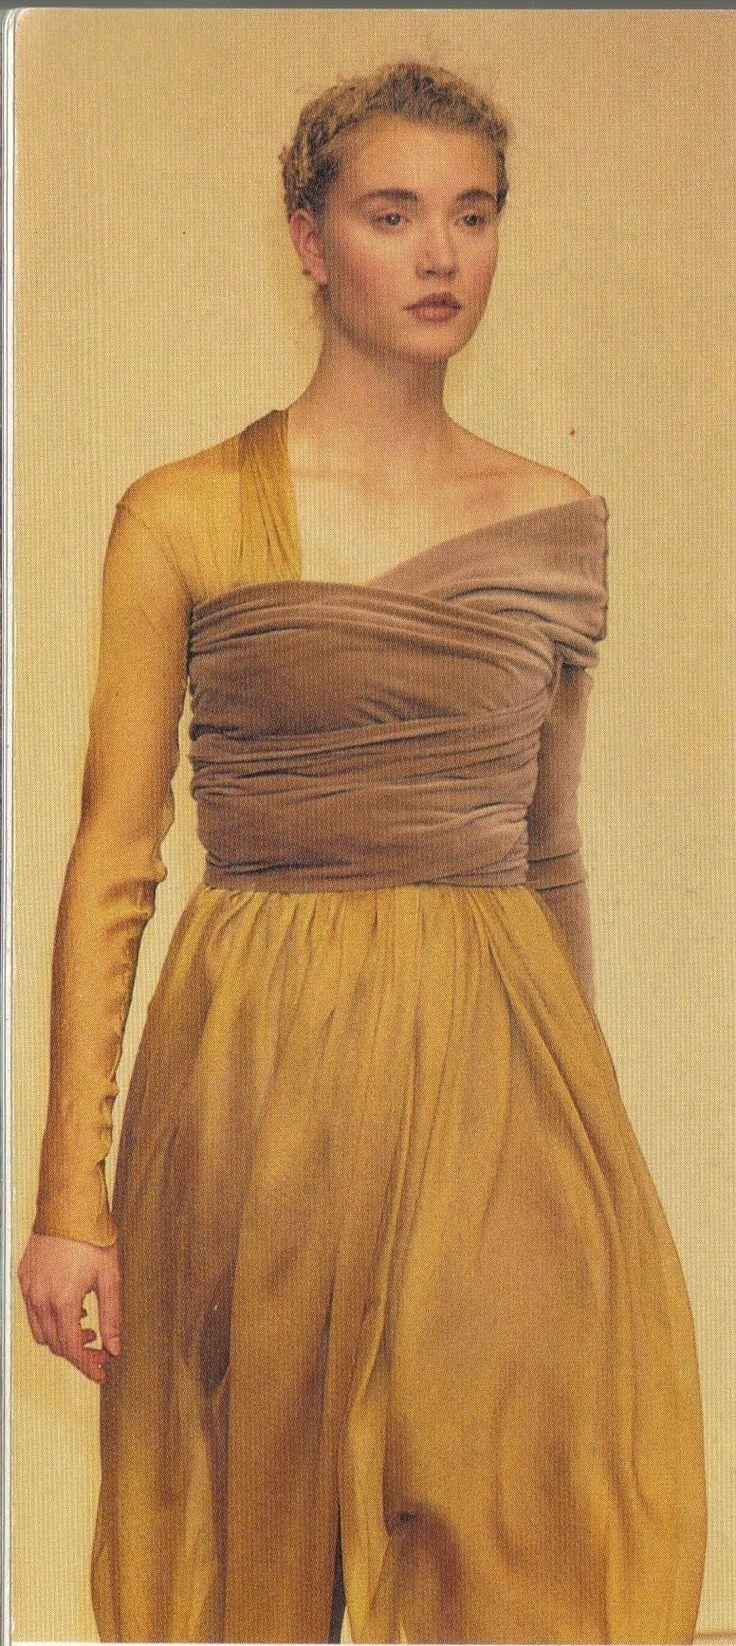 Still fashionable. 1989 - Romeo Gigli show